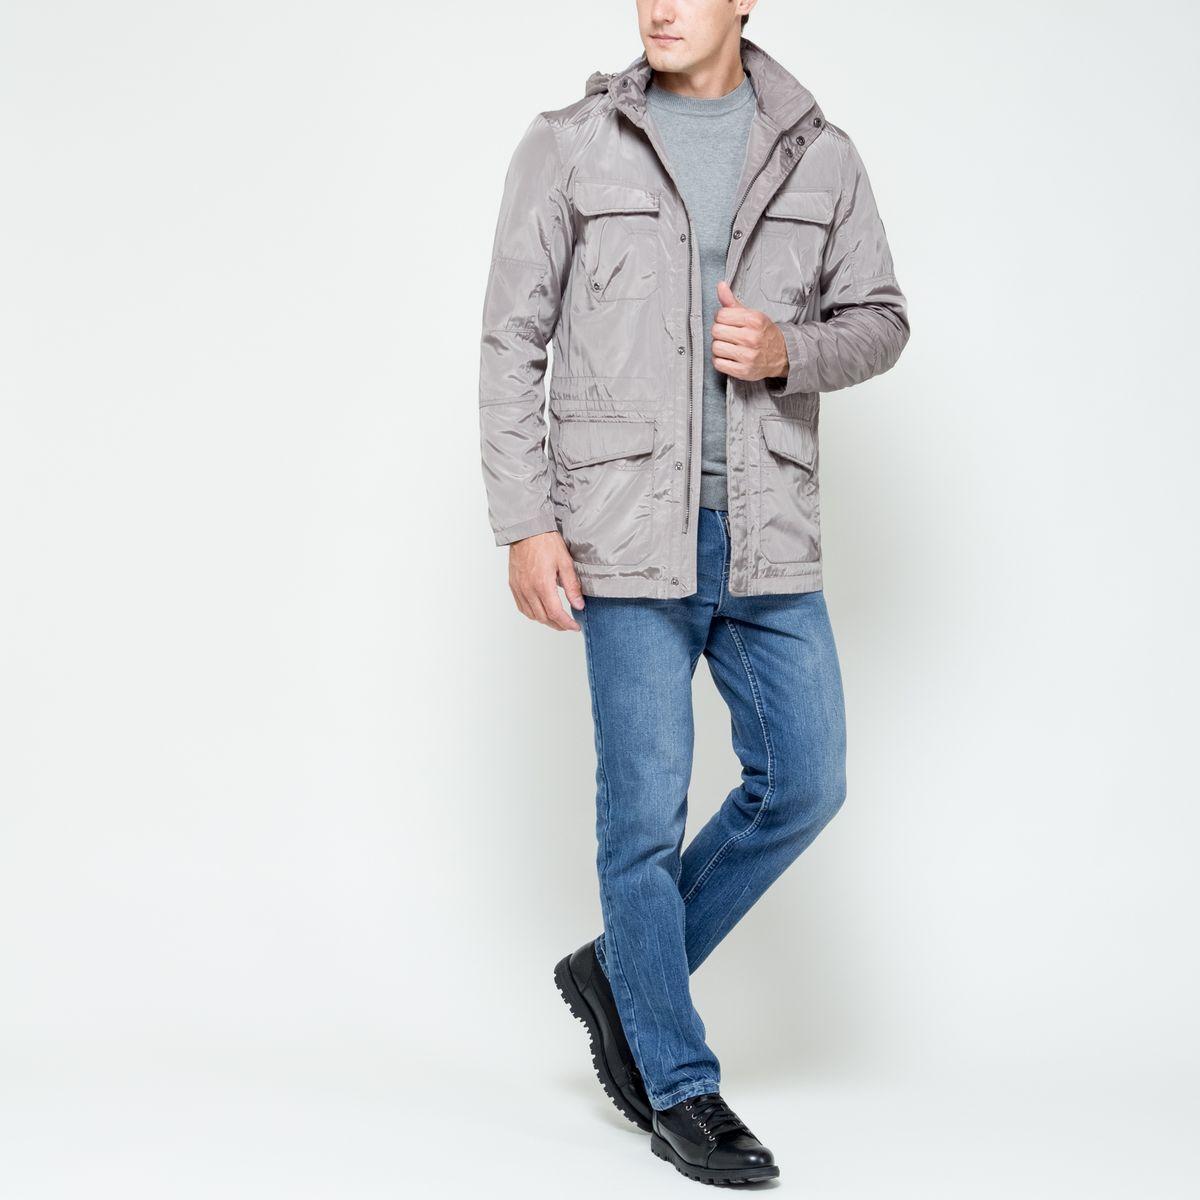 КурткаCWB-226/350-6331Стильная мужская куртка Sela Casual Wear изготовлена из высококачественного полиэстера. Куртка с воротником-стойкой и съемным капюшоном застегивается на застежку-молнию и дополнительно на ветрозащитный клапан с кнопками. Капюшон пристегивается к куртке с помощью застежки-молнии. Спереди расположены четыре накладных кармана на клапанах с кнопками, с внутренней стороны - прорезной карман на кнопке. Капюшон оснащен эластичными шнурками со стопперами. С внутренней стороны, на талии модель регулируется с помощью эластичного шнурка со стоппером.